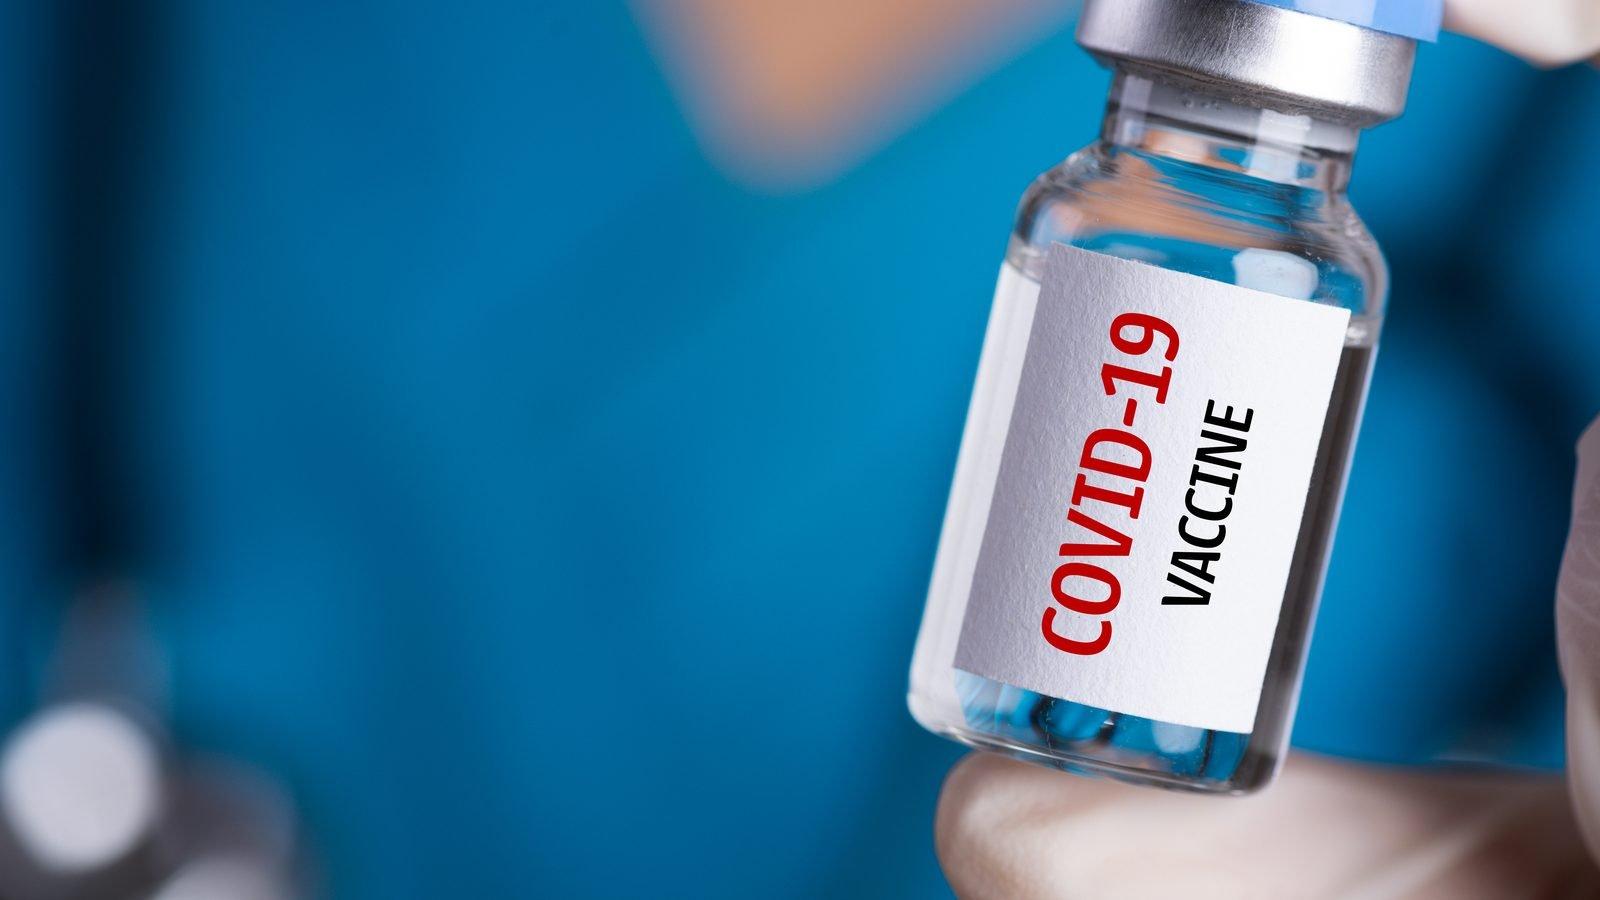 نتفلیکس، فیسبوک و گوگل از کارمندان خود میخواهند واکسن کرونا بزنند